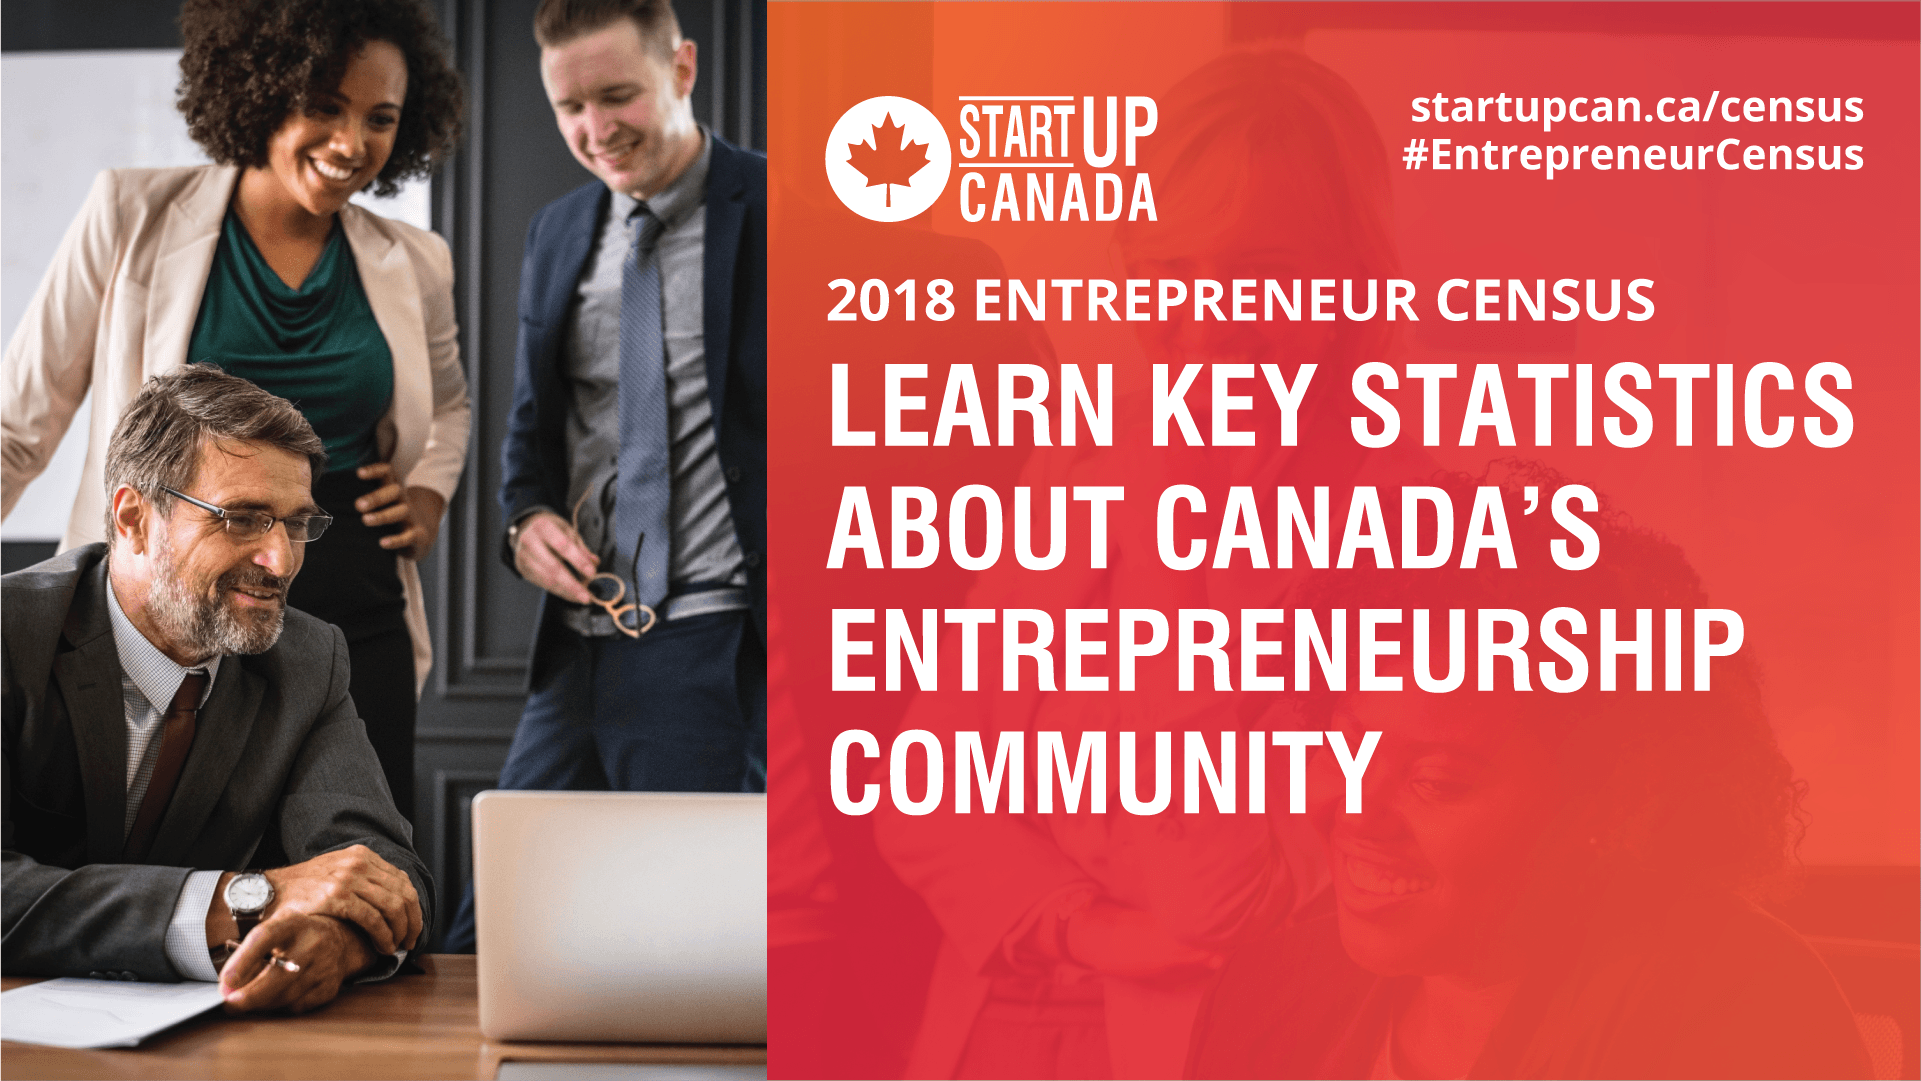 L'emprenedoria marca el viatge oficial al Canadà el ministre de la Presidència Jordi Gallardo va visitar el Canadà per conèixer els ecosistemes que el país utilitza per a l'emprenedoria